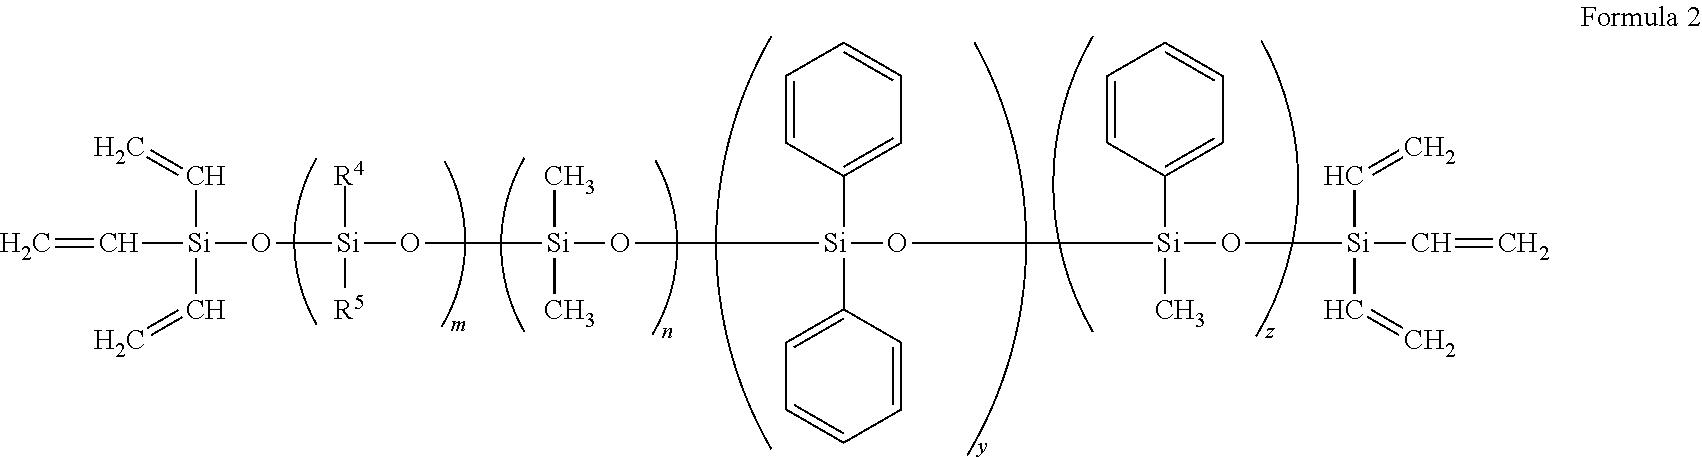 Figure US09534088-20170103-C00010